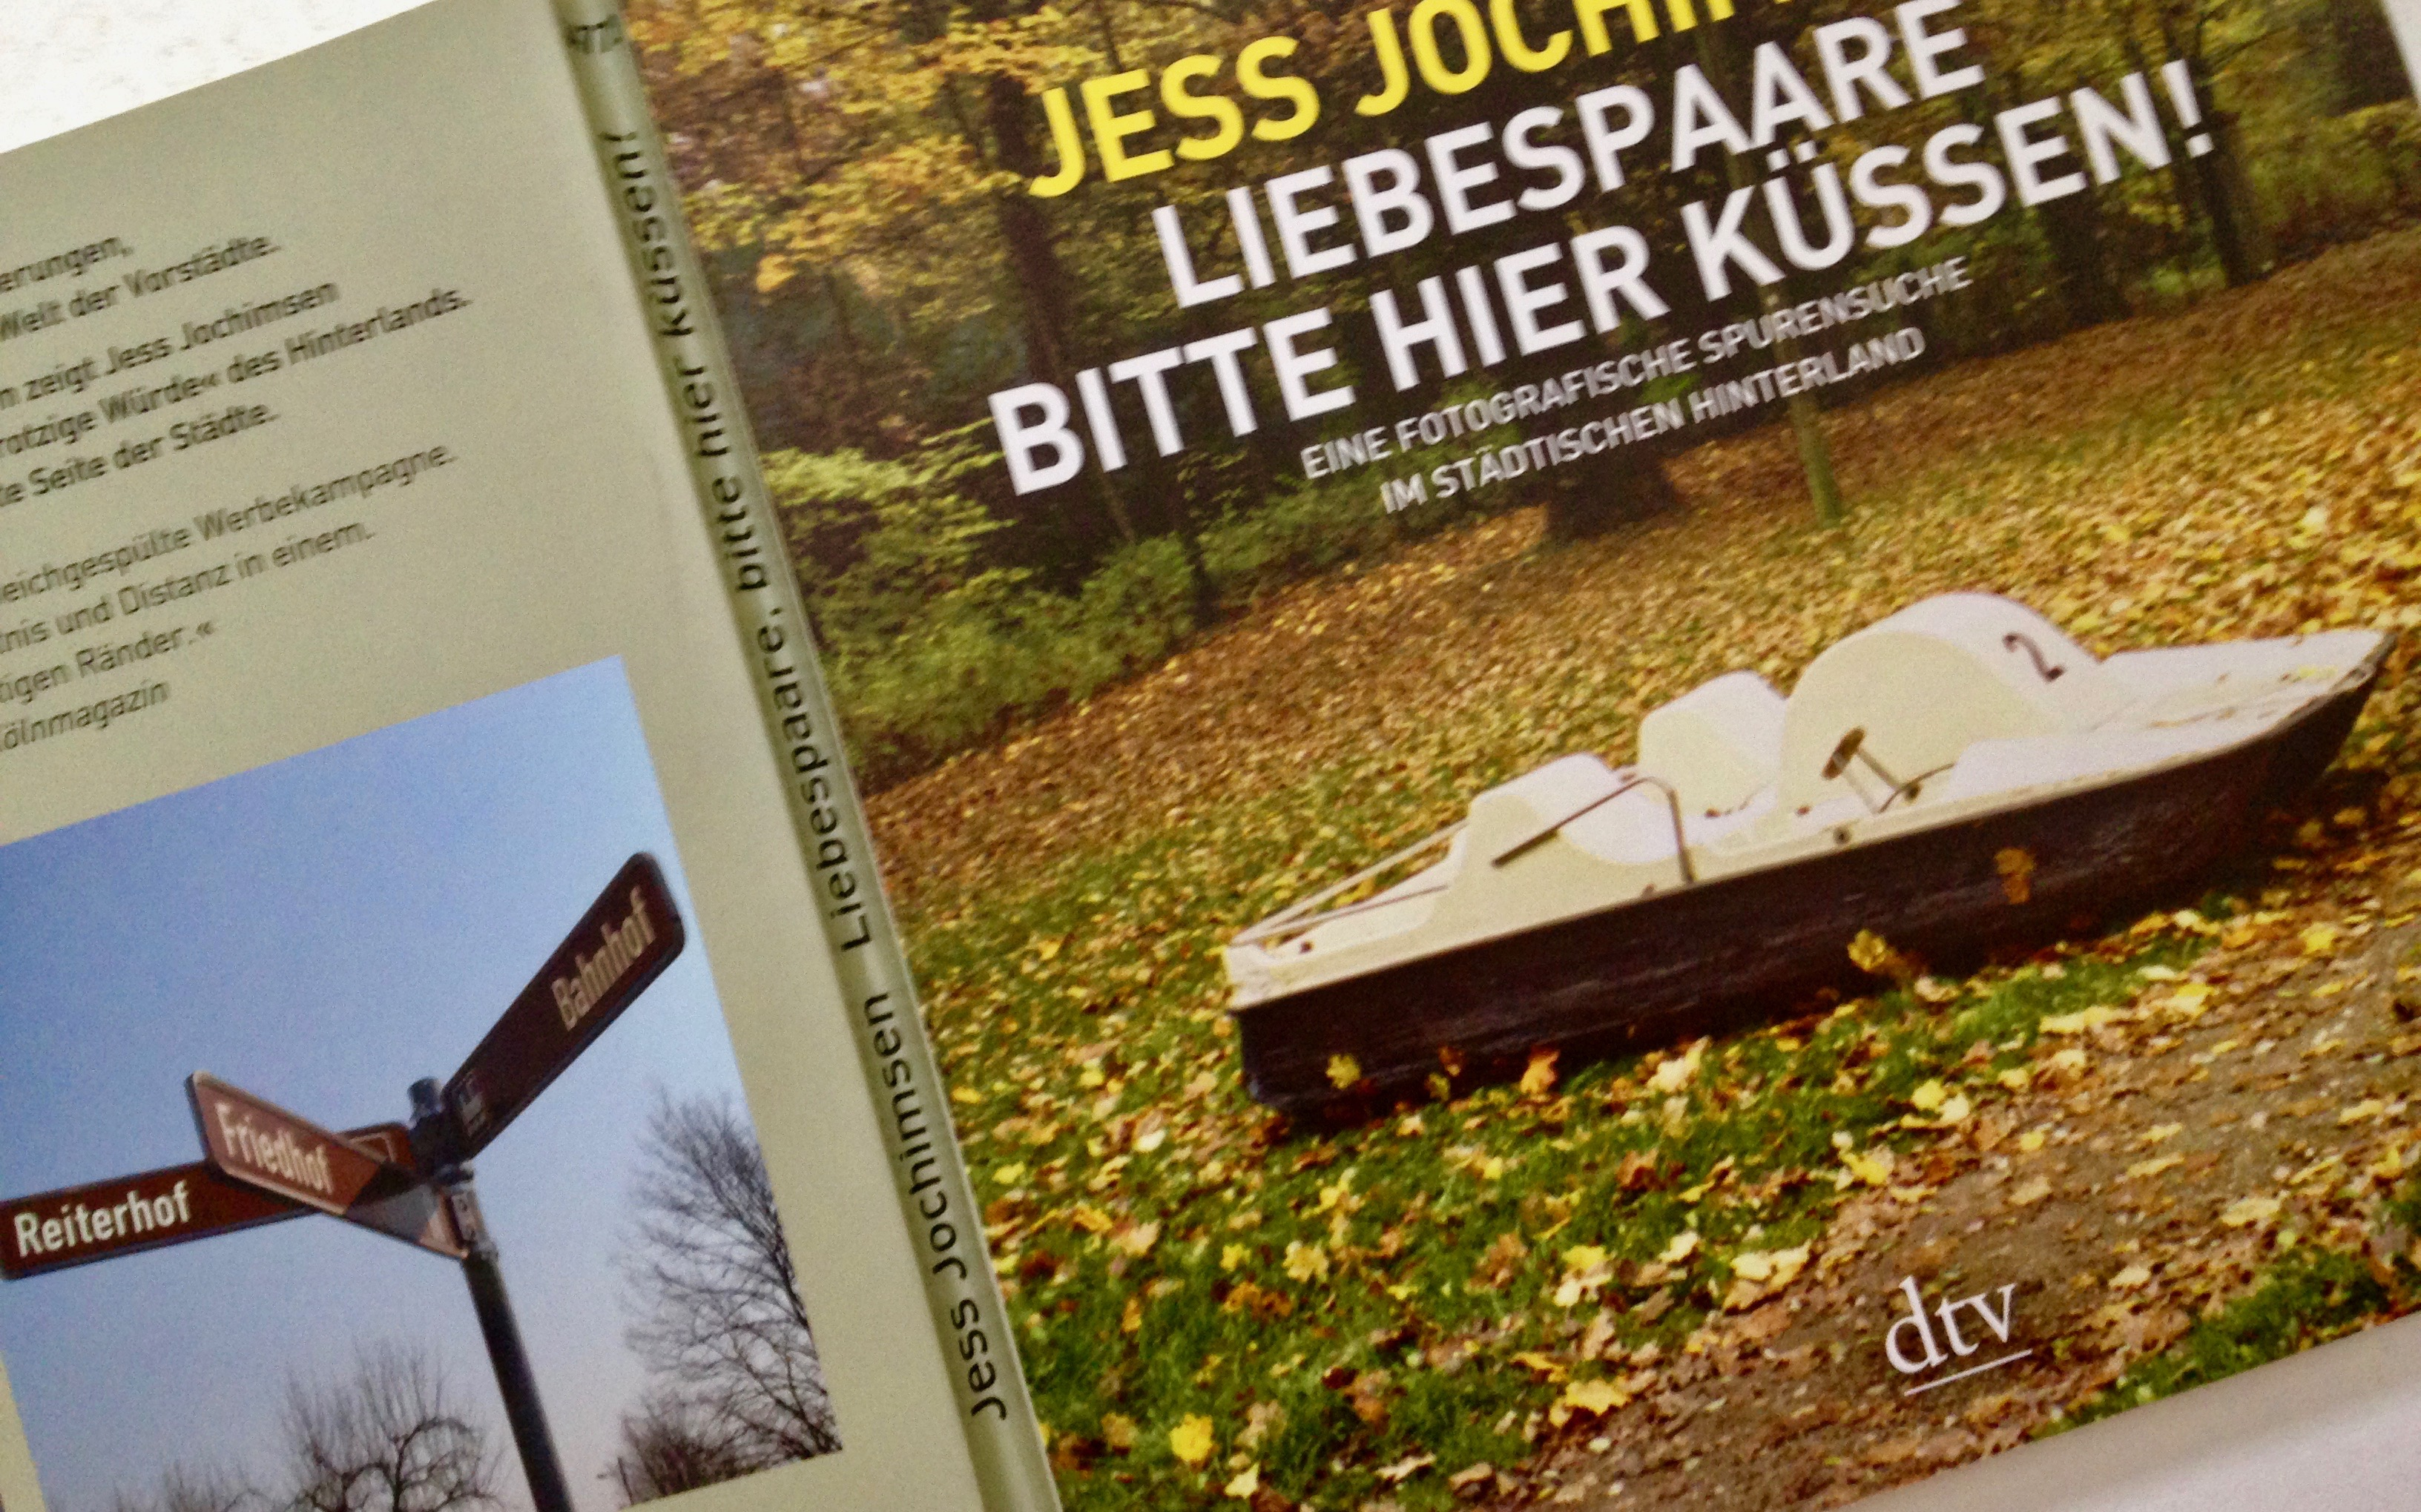 """Buchcover """"Liebespaare bitte hier küssen!"""""""